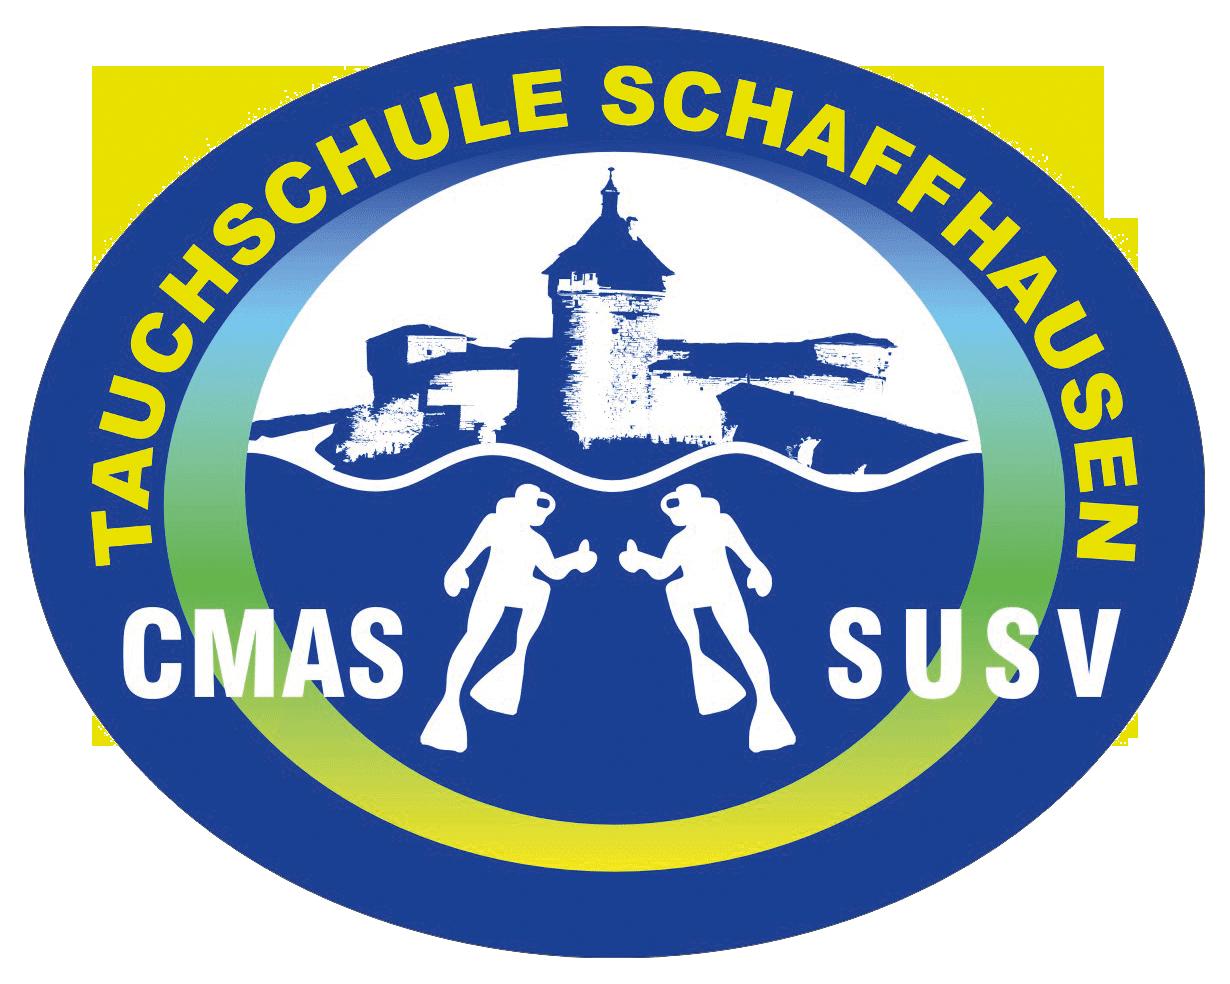 Tauchschule Schaffhausen CMAS SUSV